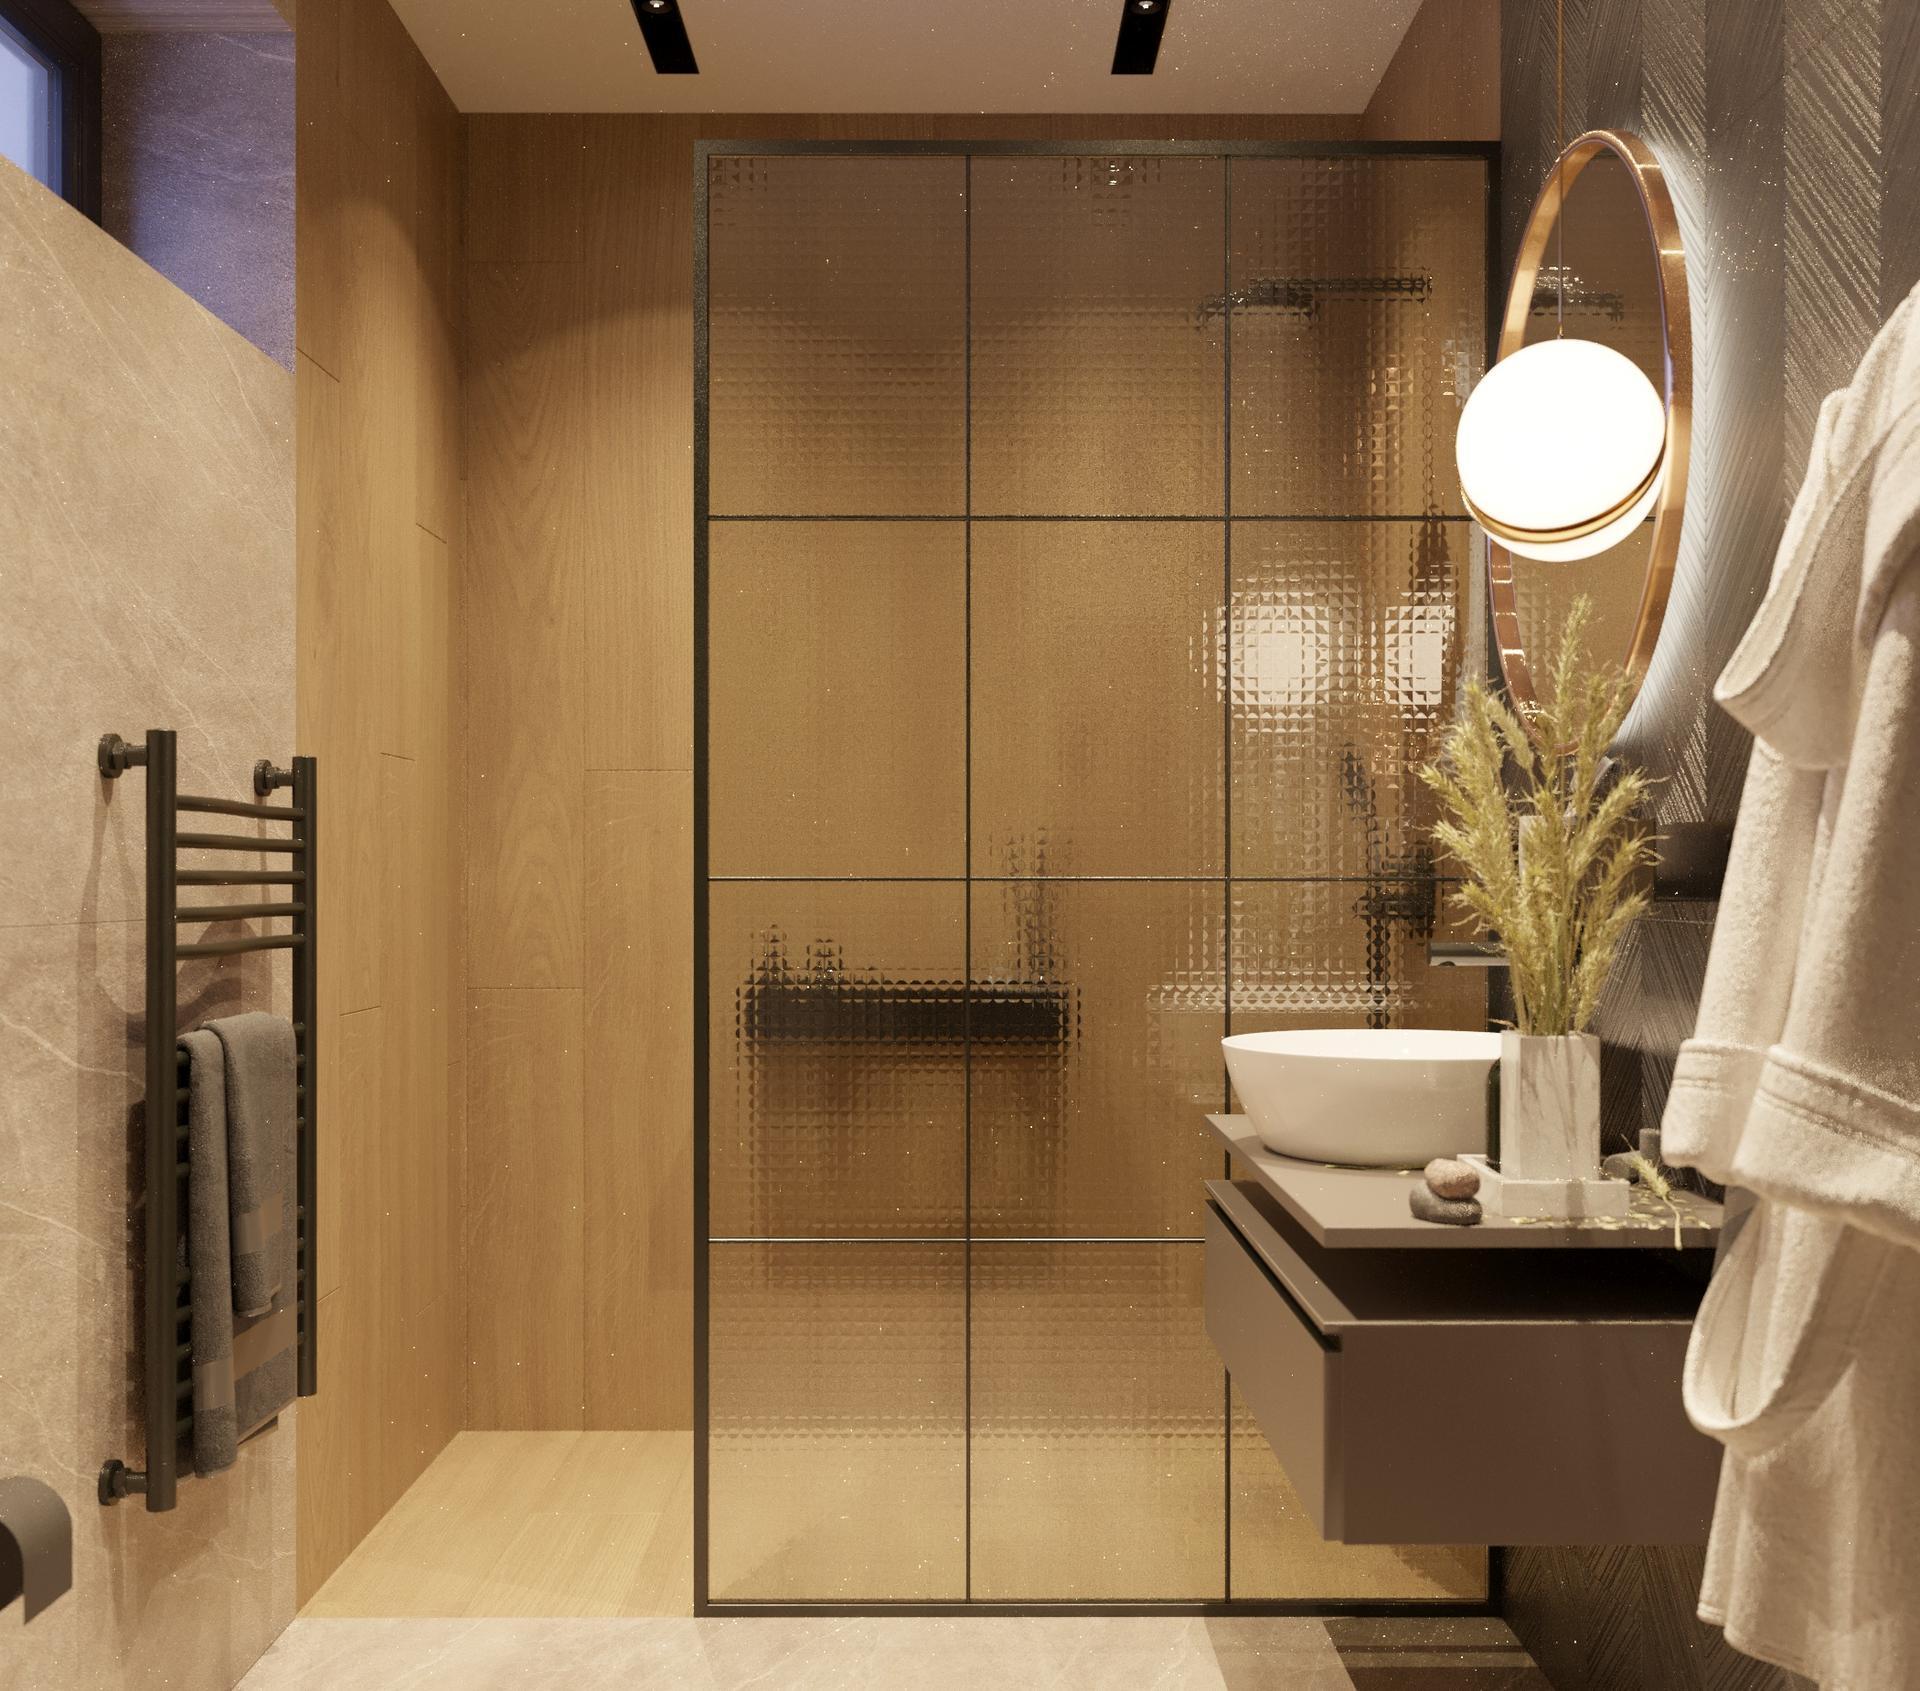 Návrh interiérového dizajnu :) - Obrázok č. 8